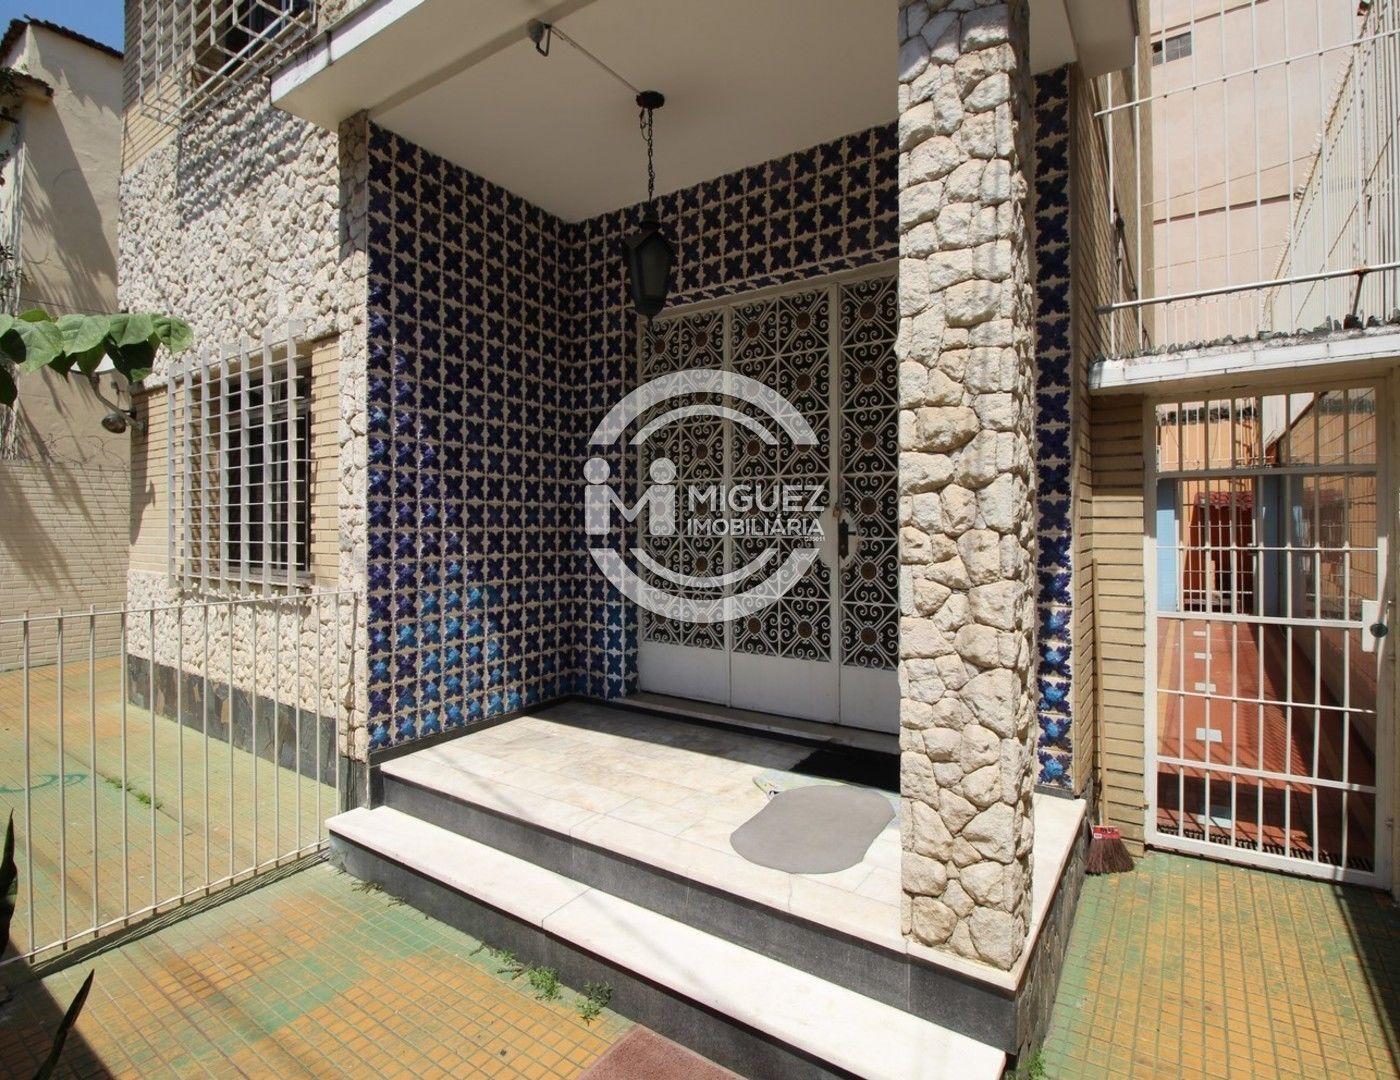 Casa, aluguel, Rua Caruso - Tijuca , Rio de janeiro